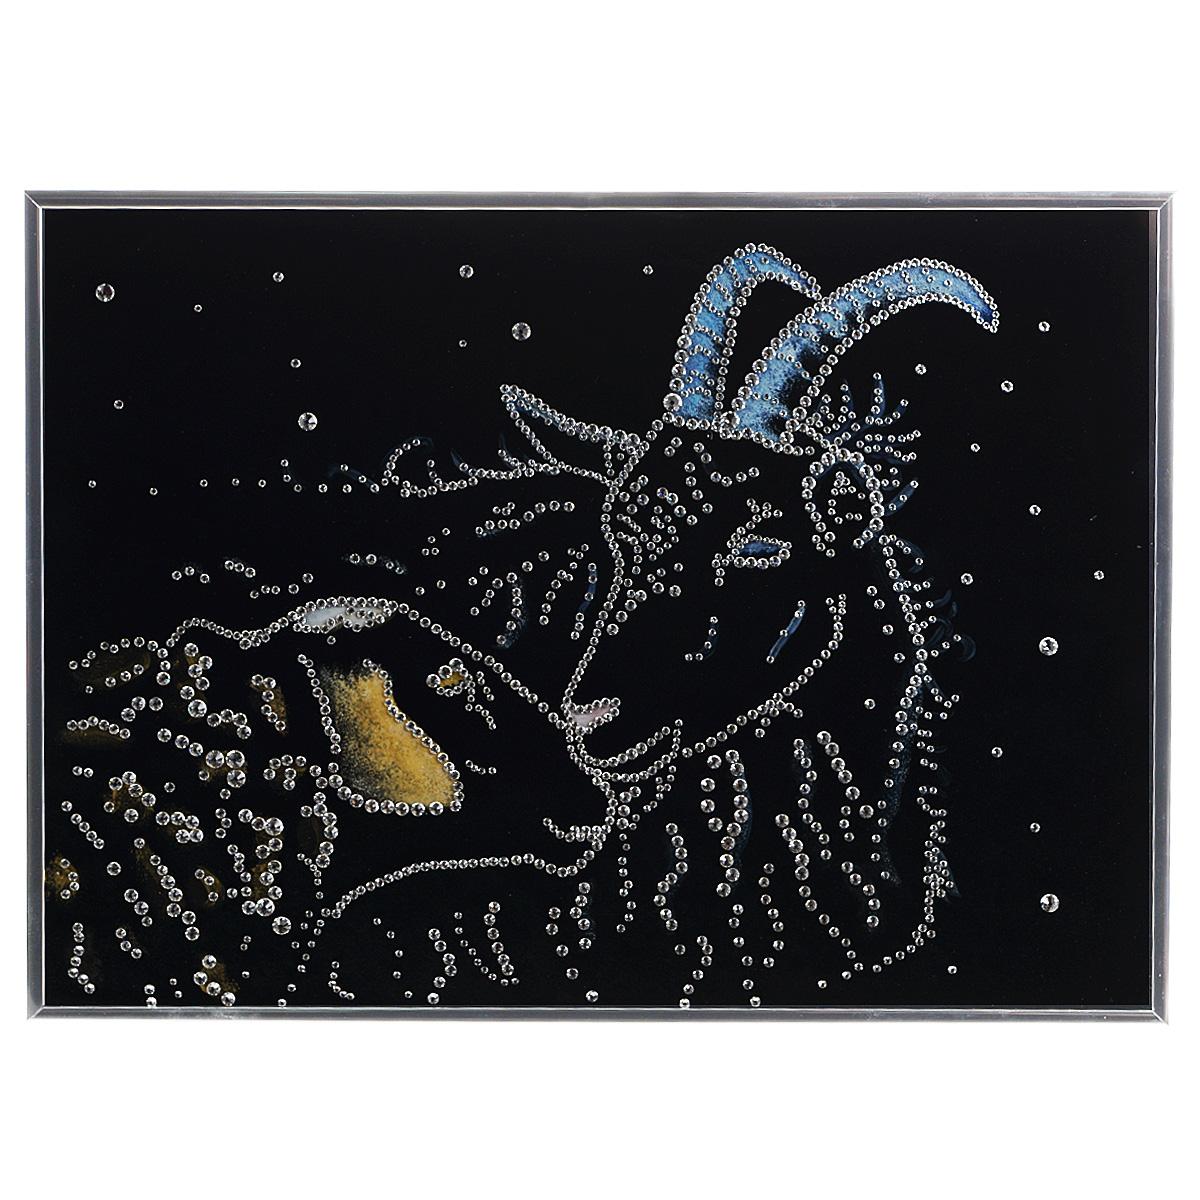 Картина с кристаллами Swarovski Овечка и козел, 40 см х 30 см37440Изящная картина в алюминиевой раме Овечка и козел инкрустирована кристаллами Swarovski, которые отличаются четкой и ровной огранкой, ярким блеском и чистотой цвета. Идеально подобранная палитра кристаллов прекрасно дополняет картину. С задней стороны изделие оснащено специальной металлической петелькой для размещения на стене. Картина с кристаллами Swarovski элегантно украсит интерьер дома, а также станет прекрасным подарком, который обязательно понравится получателю. Блеск кристаллов в интерьере - что может быть сказочнее и удивительнее. Изделие упаковано в подарочную картонную коробку синего цвета и комплектуется сертификатом соответствия Swarovski.